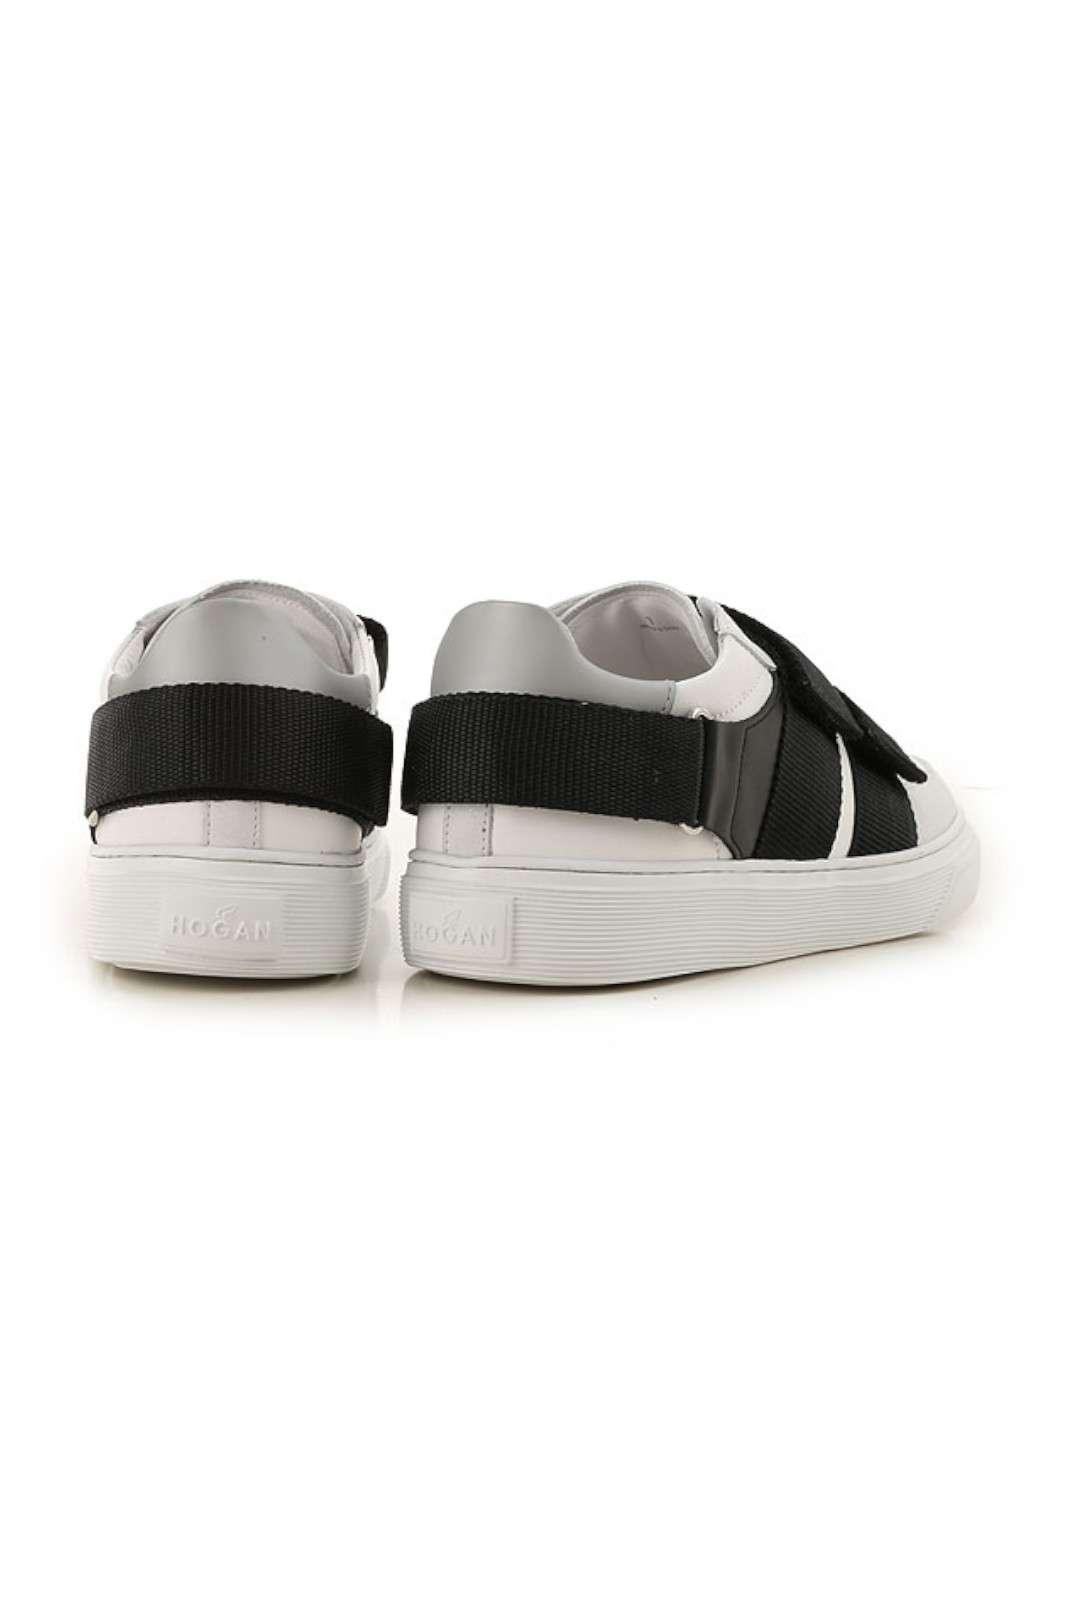 Hogan Sneakers Uomo   Nuove Tendenze   Parmax